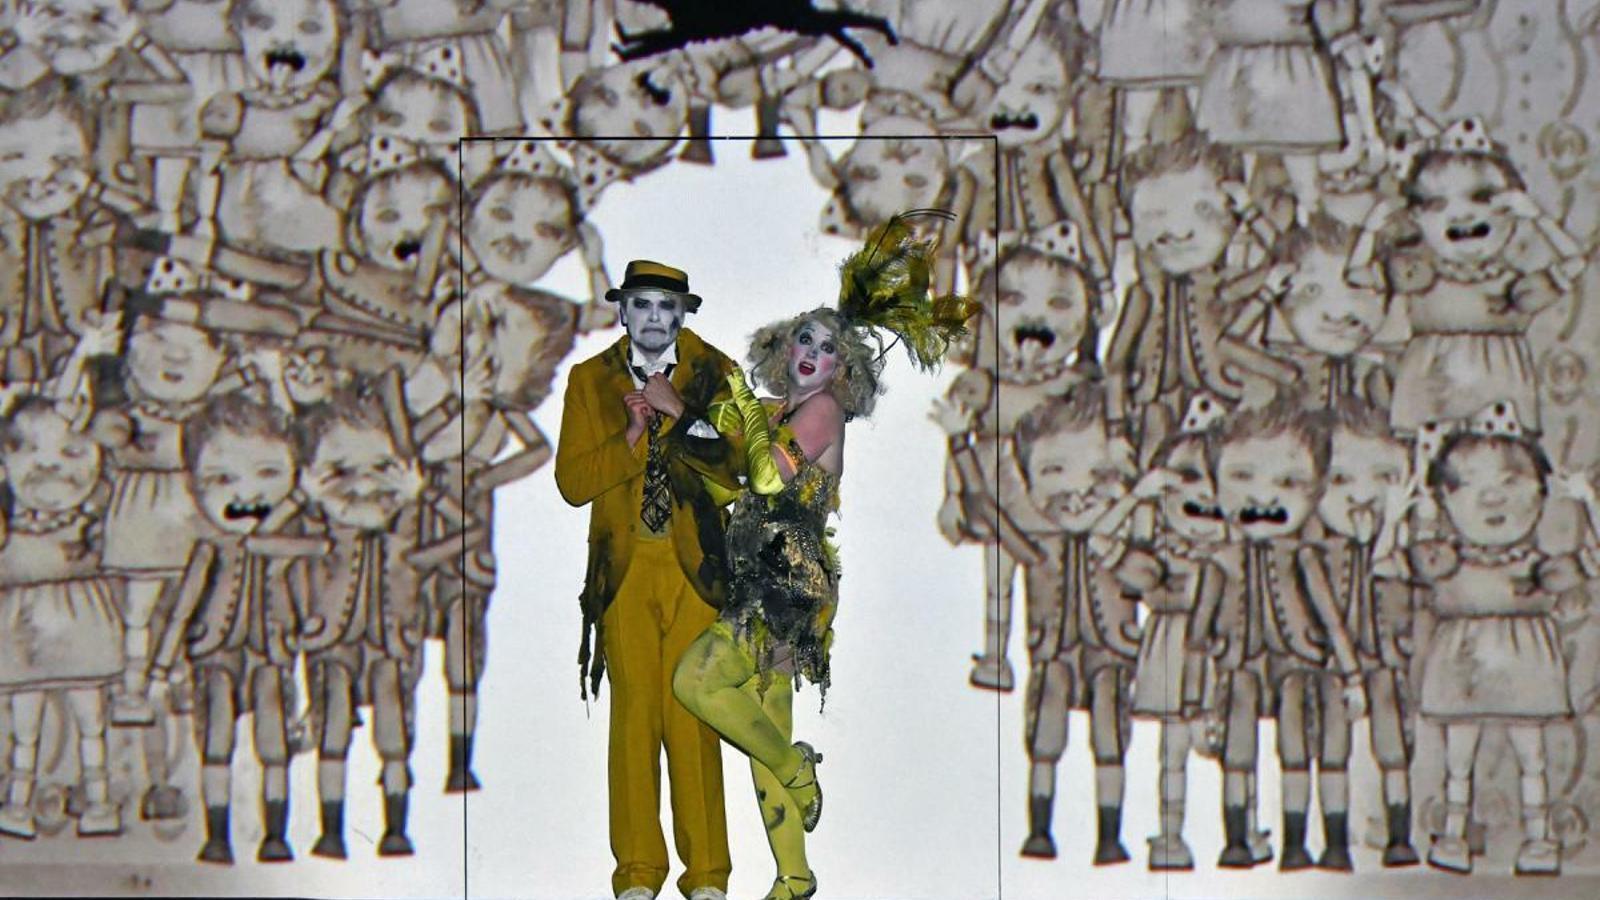 La companyia 1927 i Barrie Kosky van portar 'La flauta màgica' a l'univers de Buster Keaton